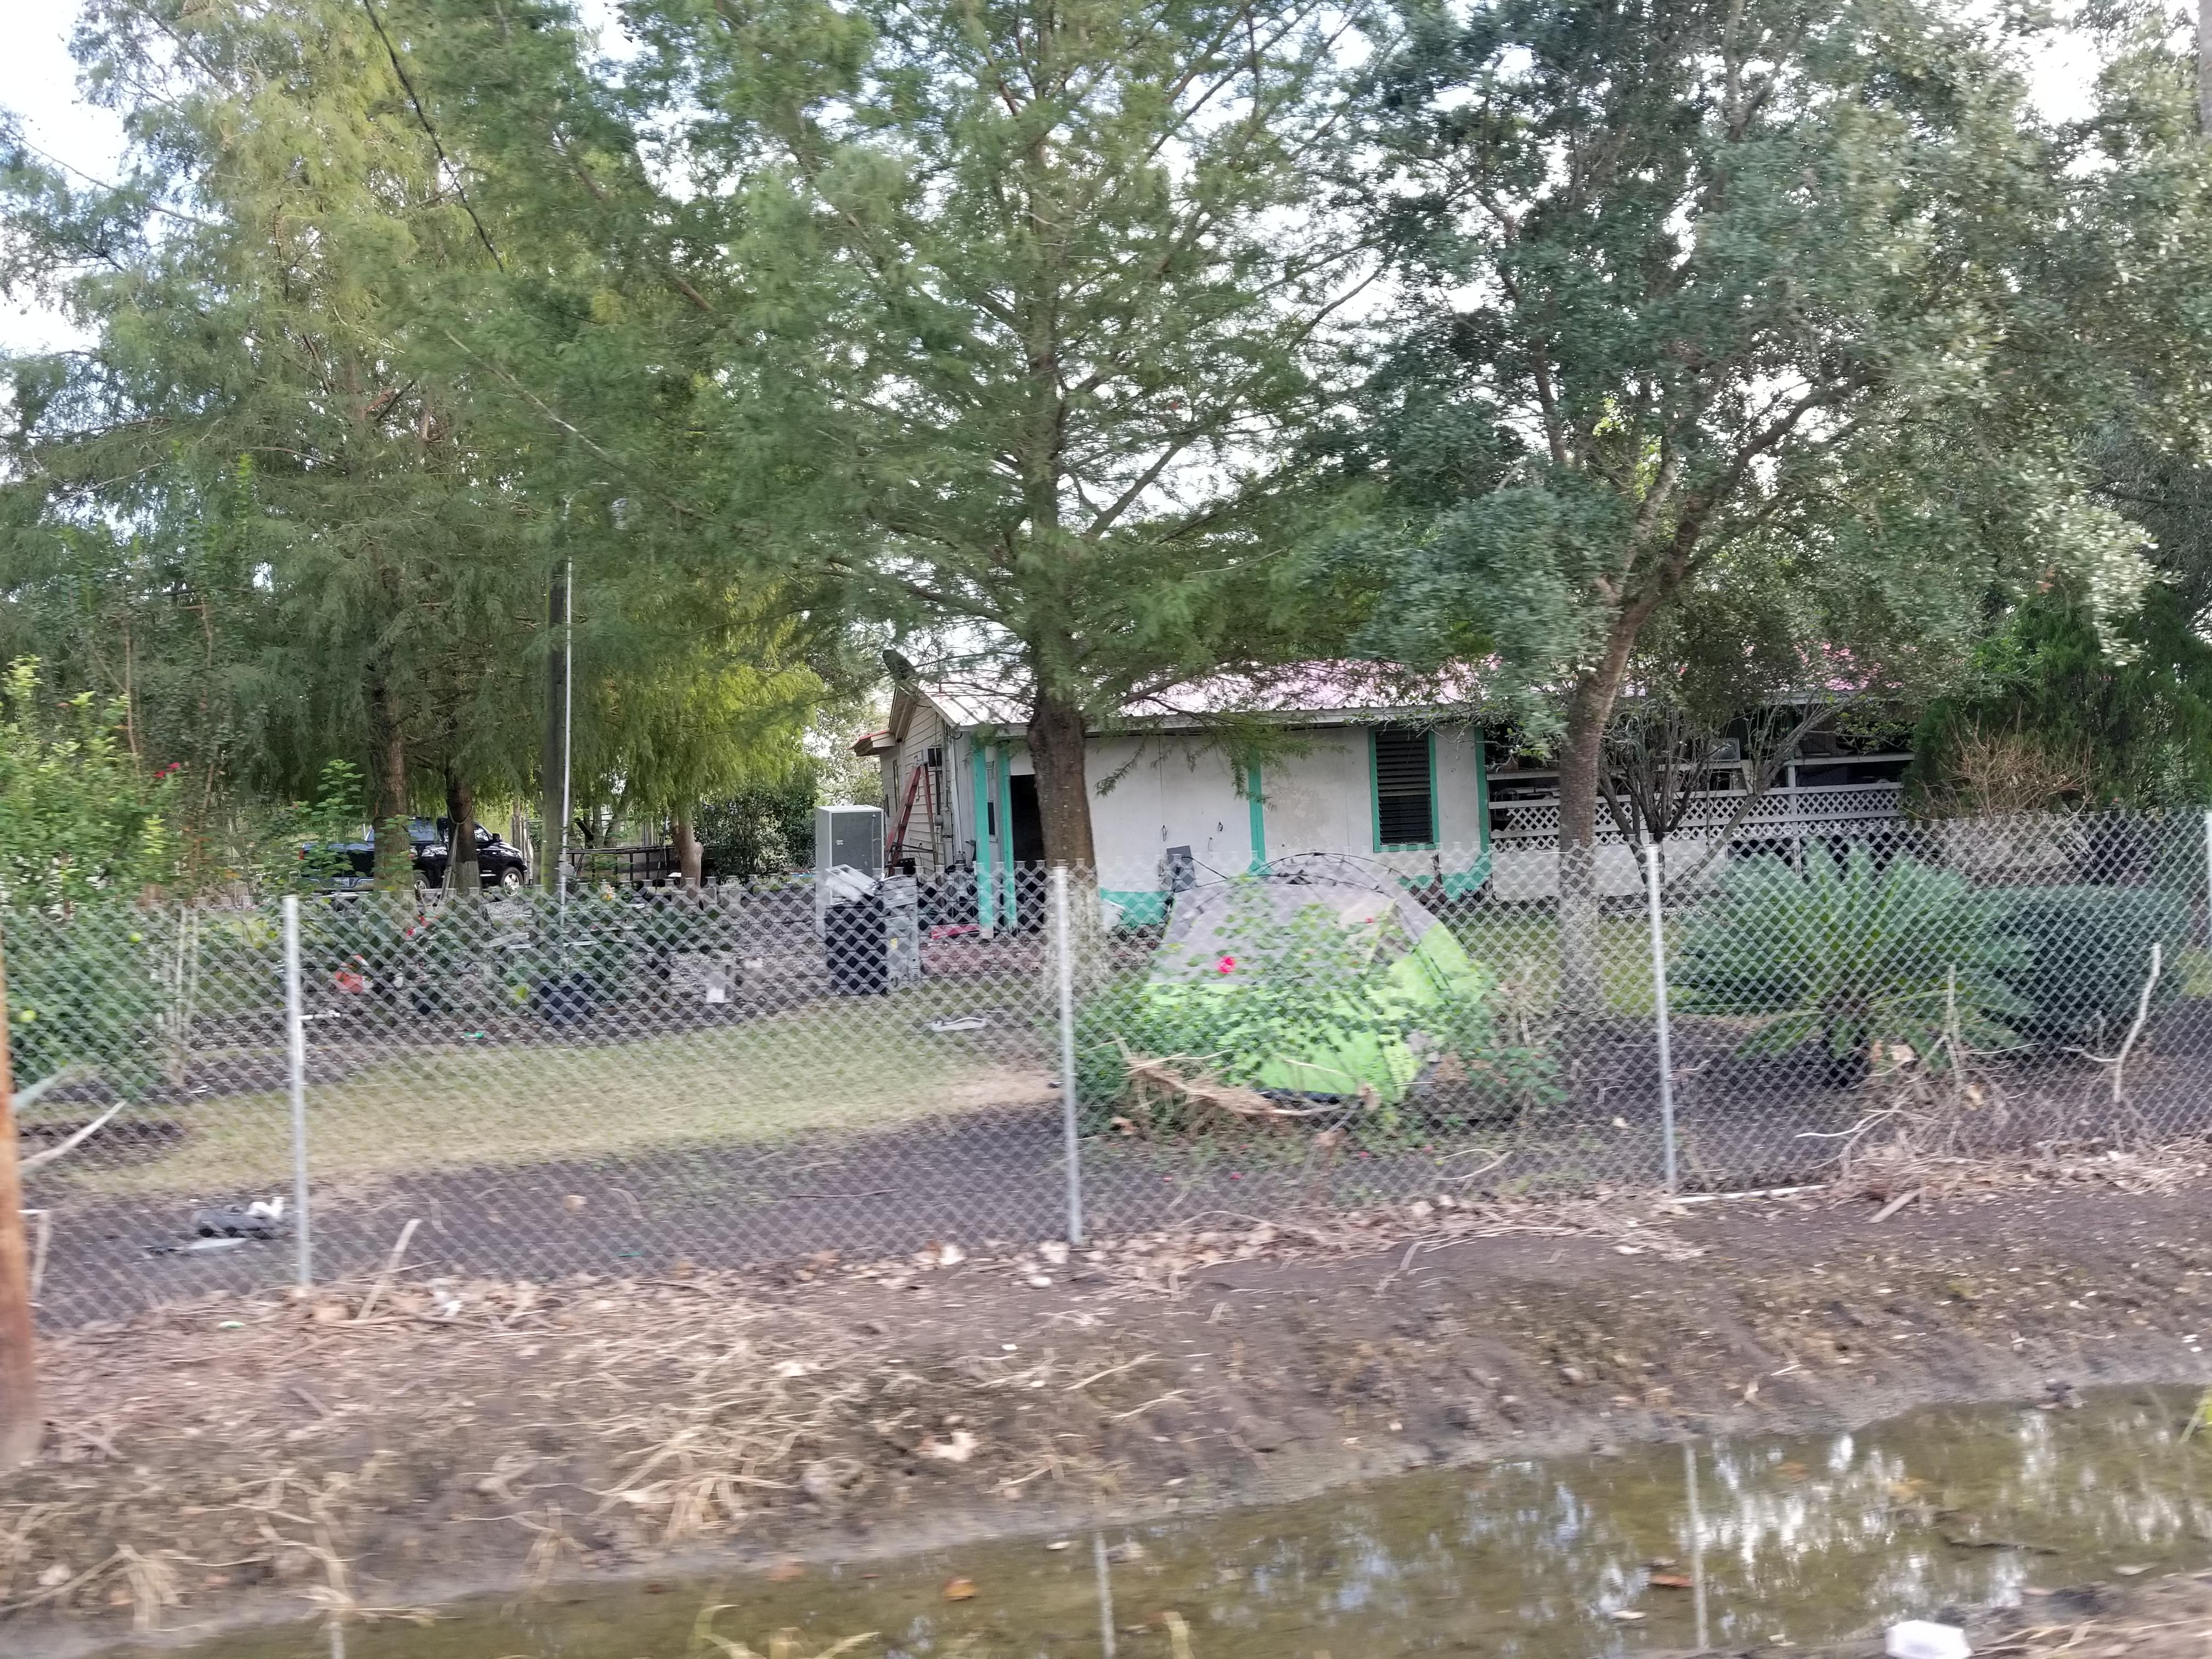 Cambodia Village - Manvel, TX